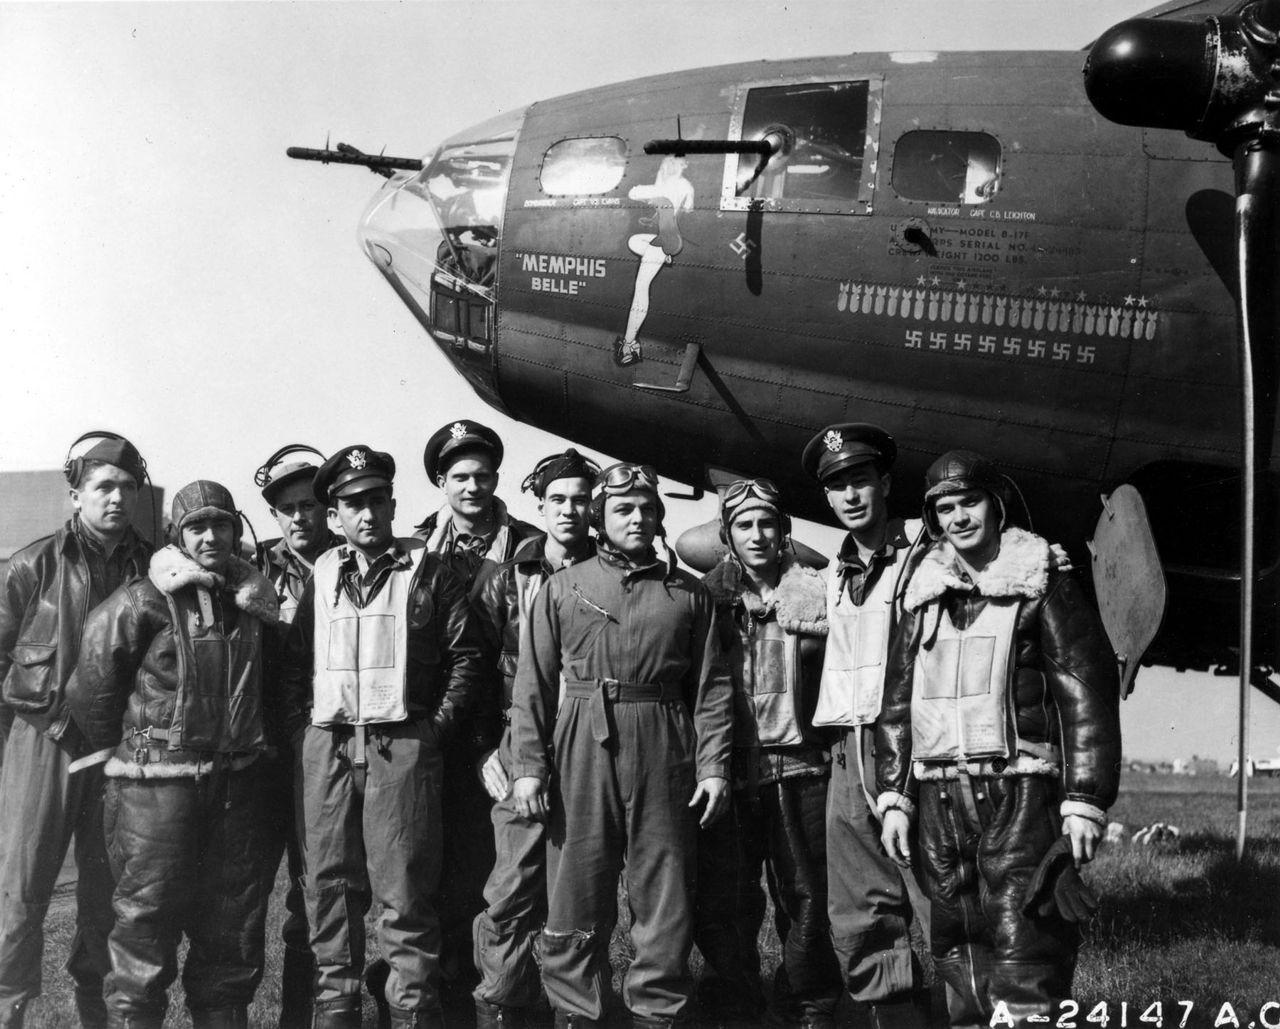 экипаж американского бомбардировщика времен Второй Мировой Войны Memphis Belle (Мемфисская Красотка)